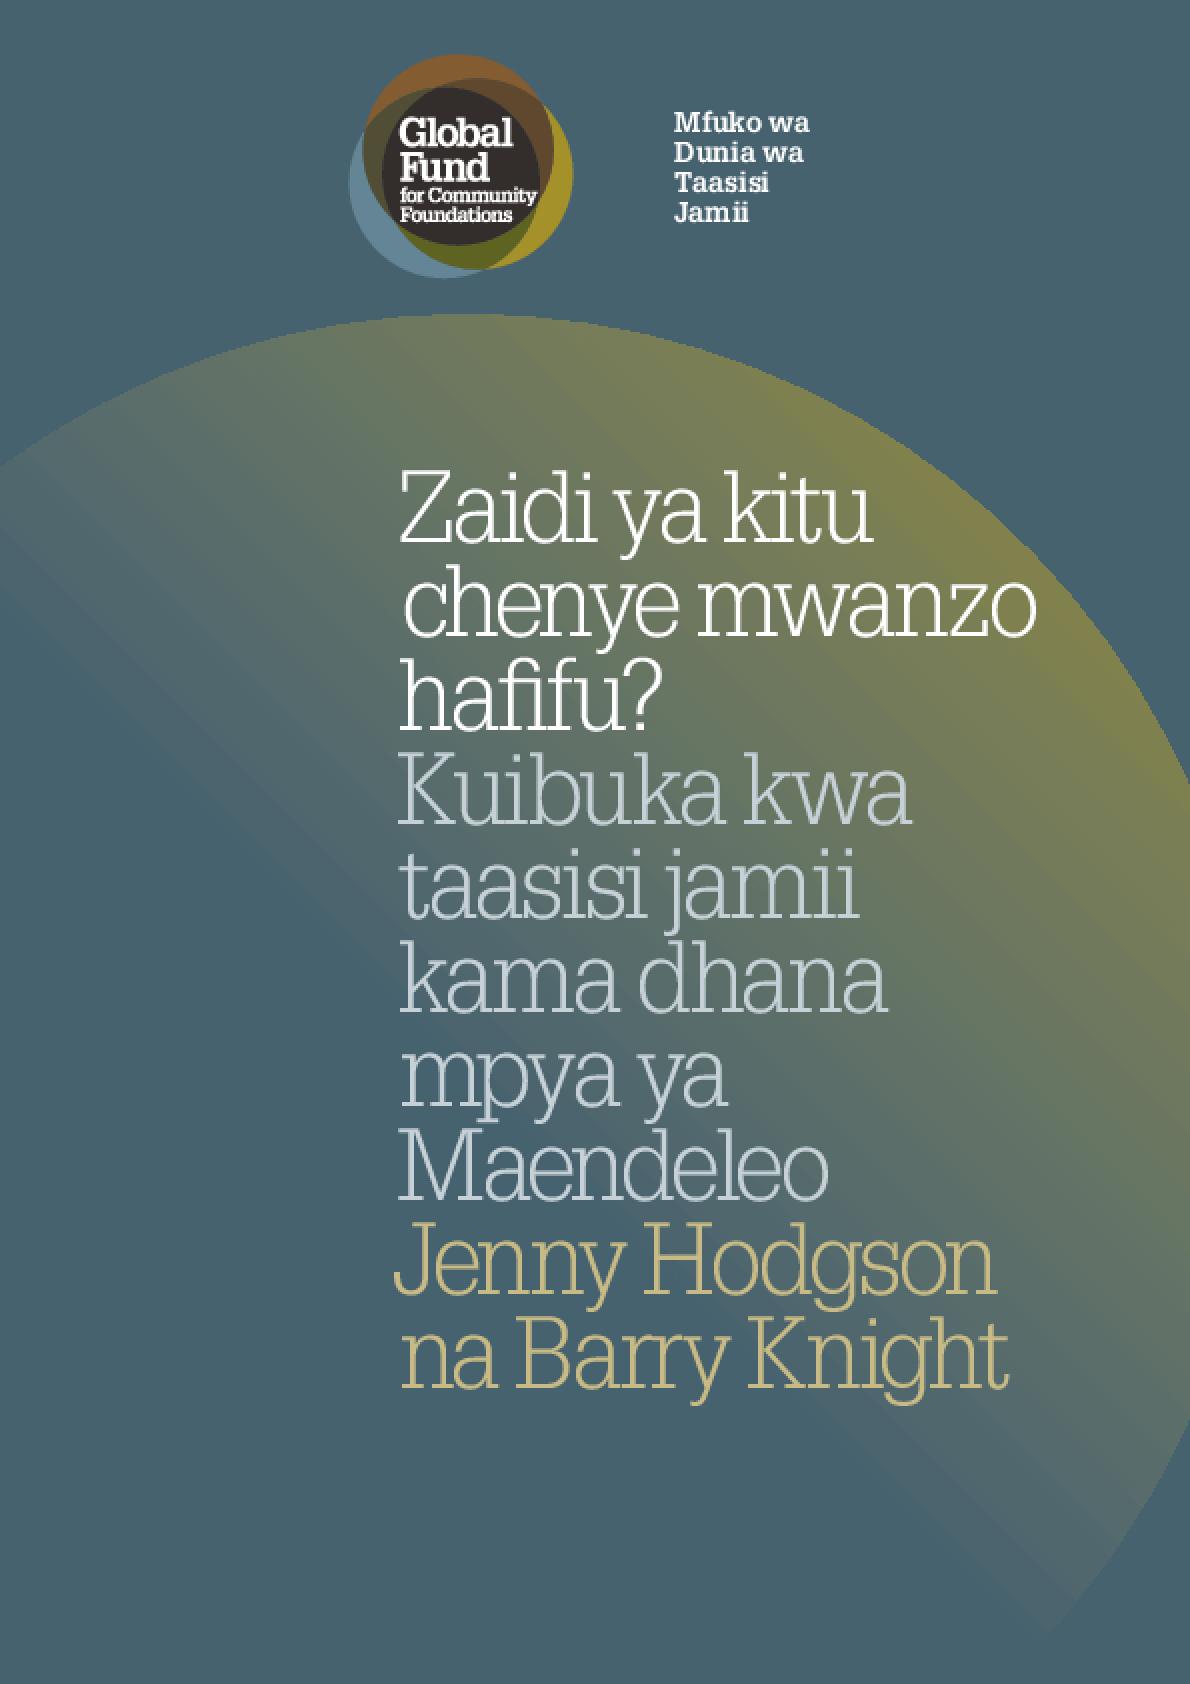 Zaidi Ya Kitu Chenye Mwanzo Hafifu? Kuibuka Kwa Taasisi Jamii Kama Dhana Mpya Ya Maendeleo